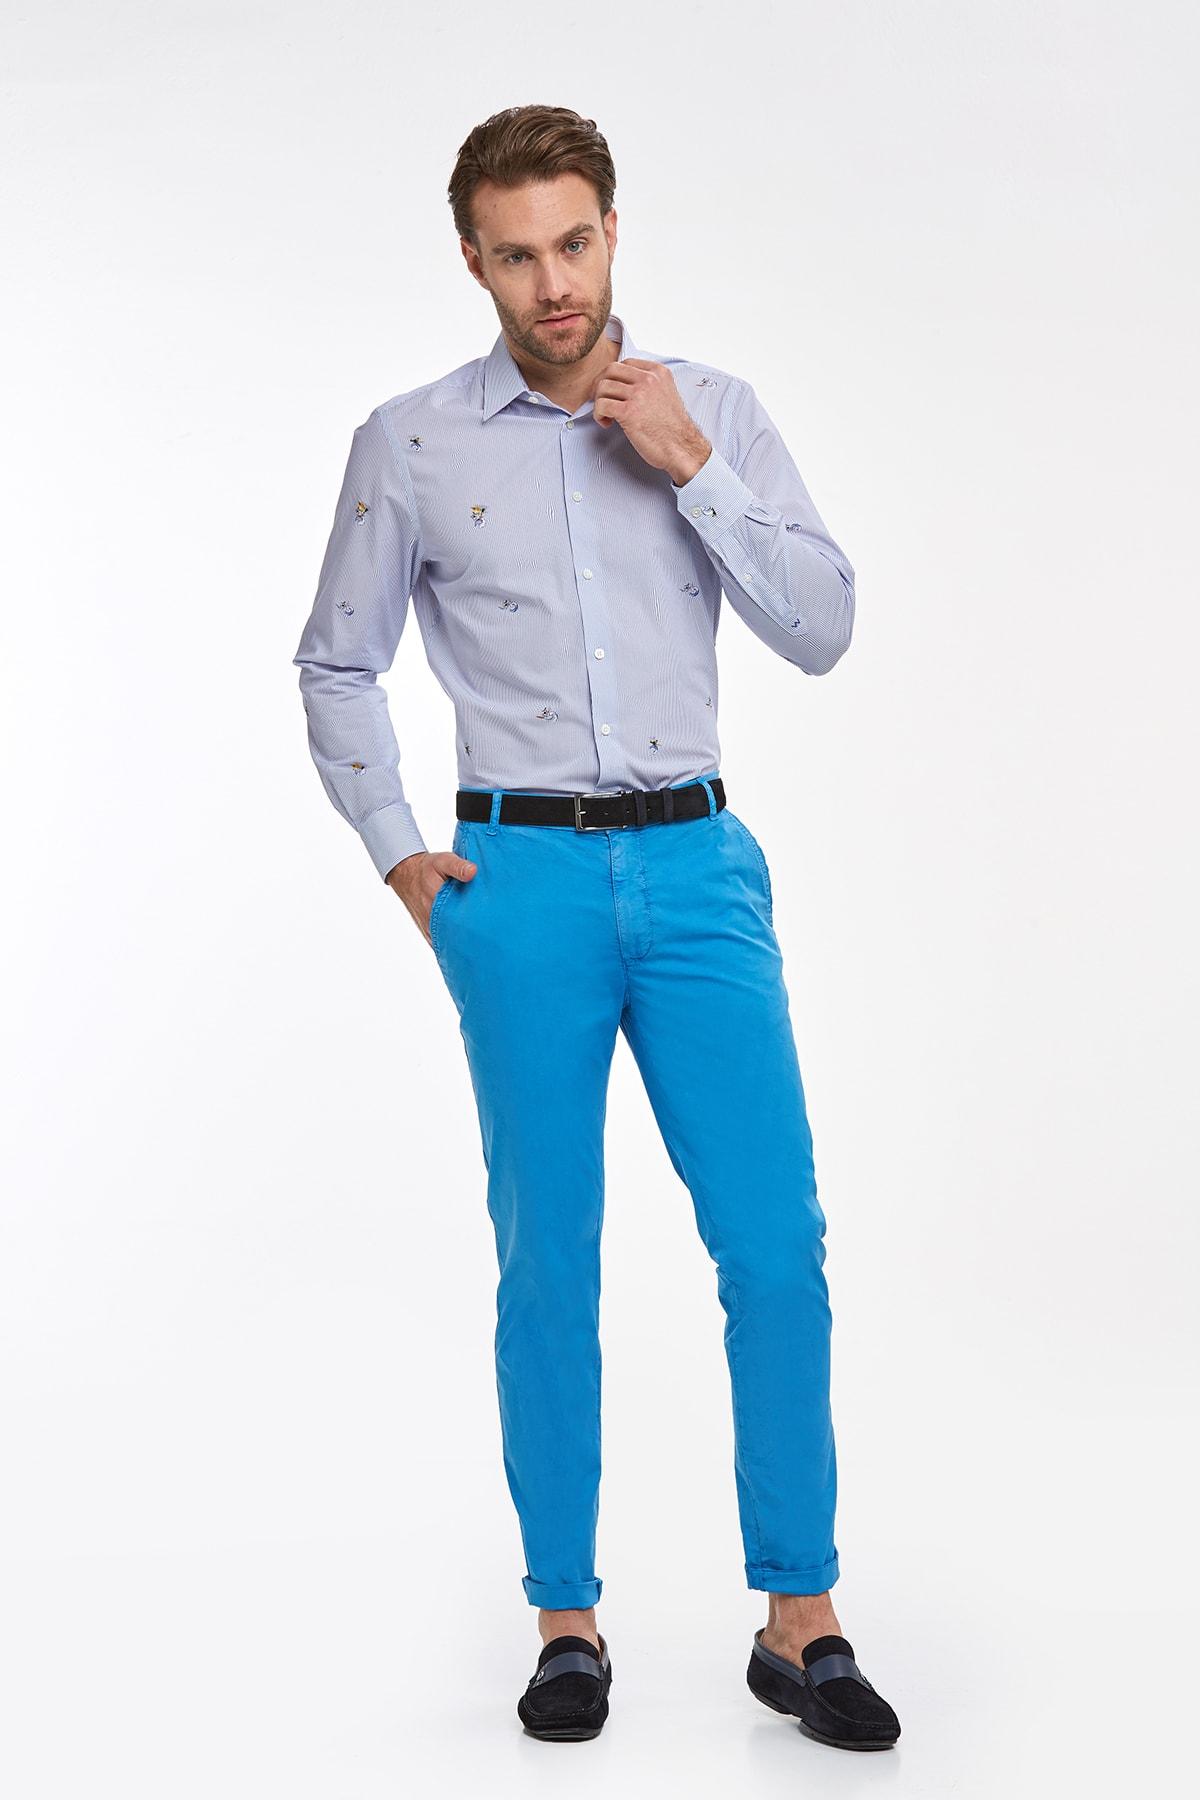 Hemington Erkek Lacivert Desenli Yazlık Pamuk Gömlek 2